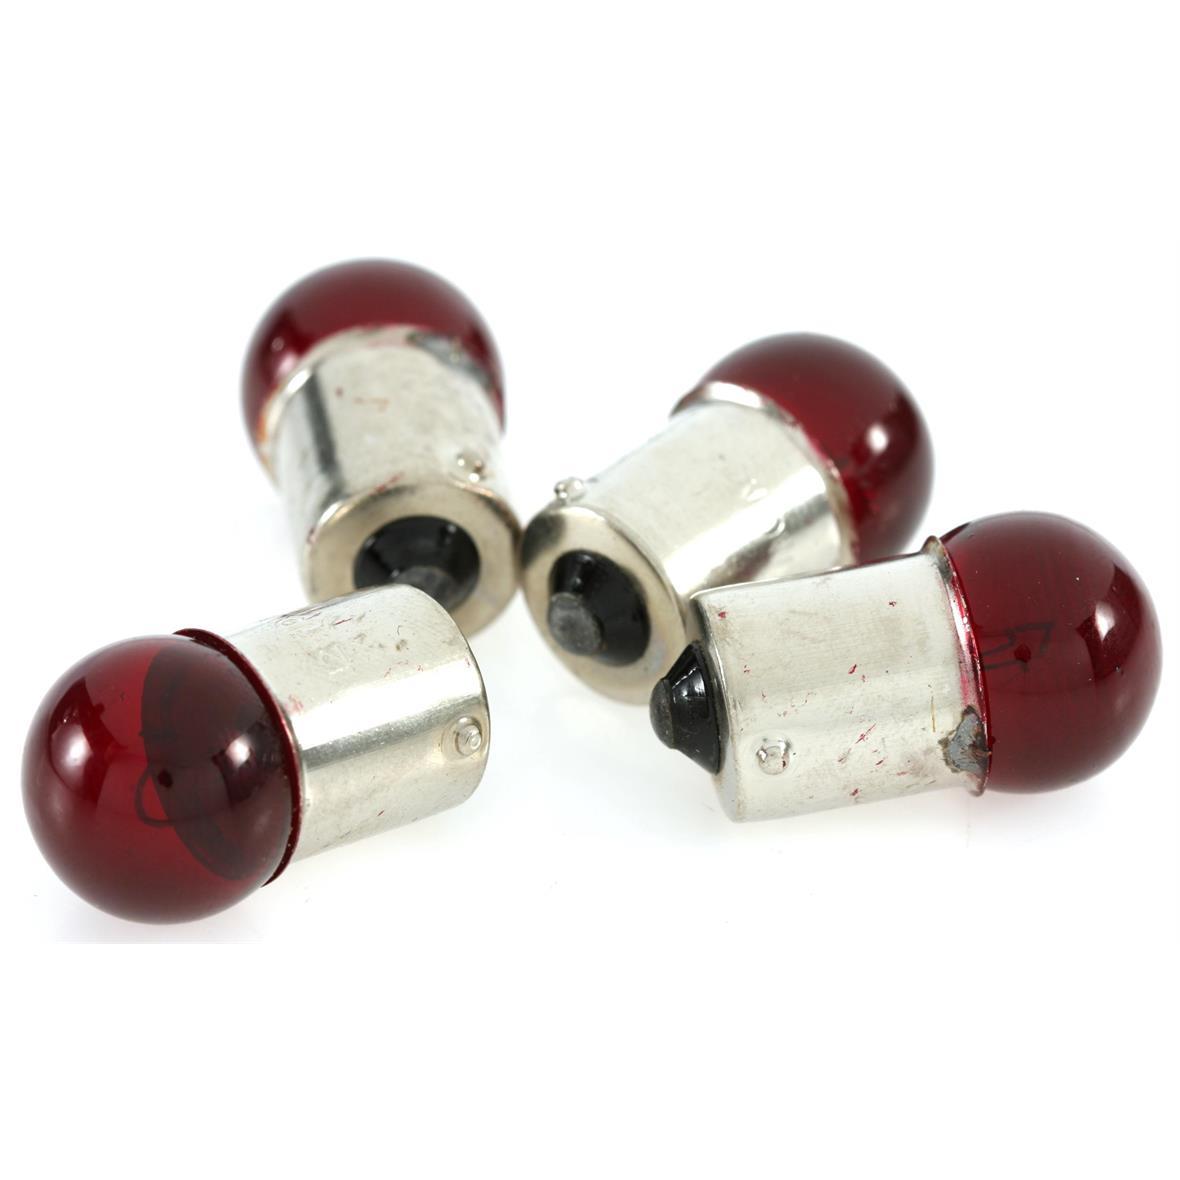 Image du produit 'Jeu d'ampoules 12V/10W'